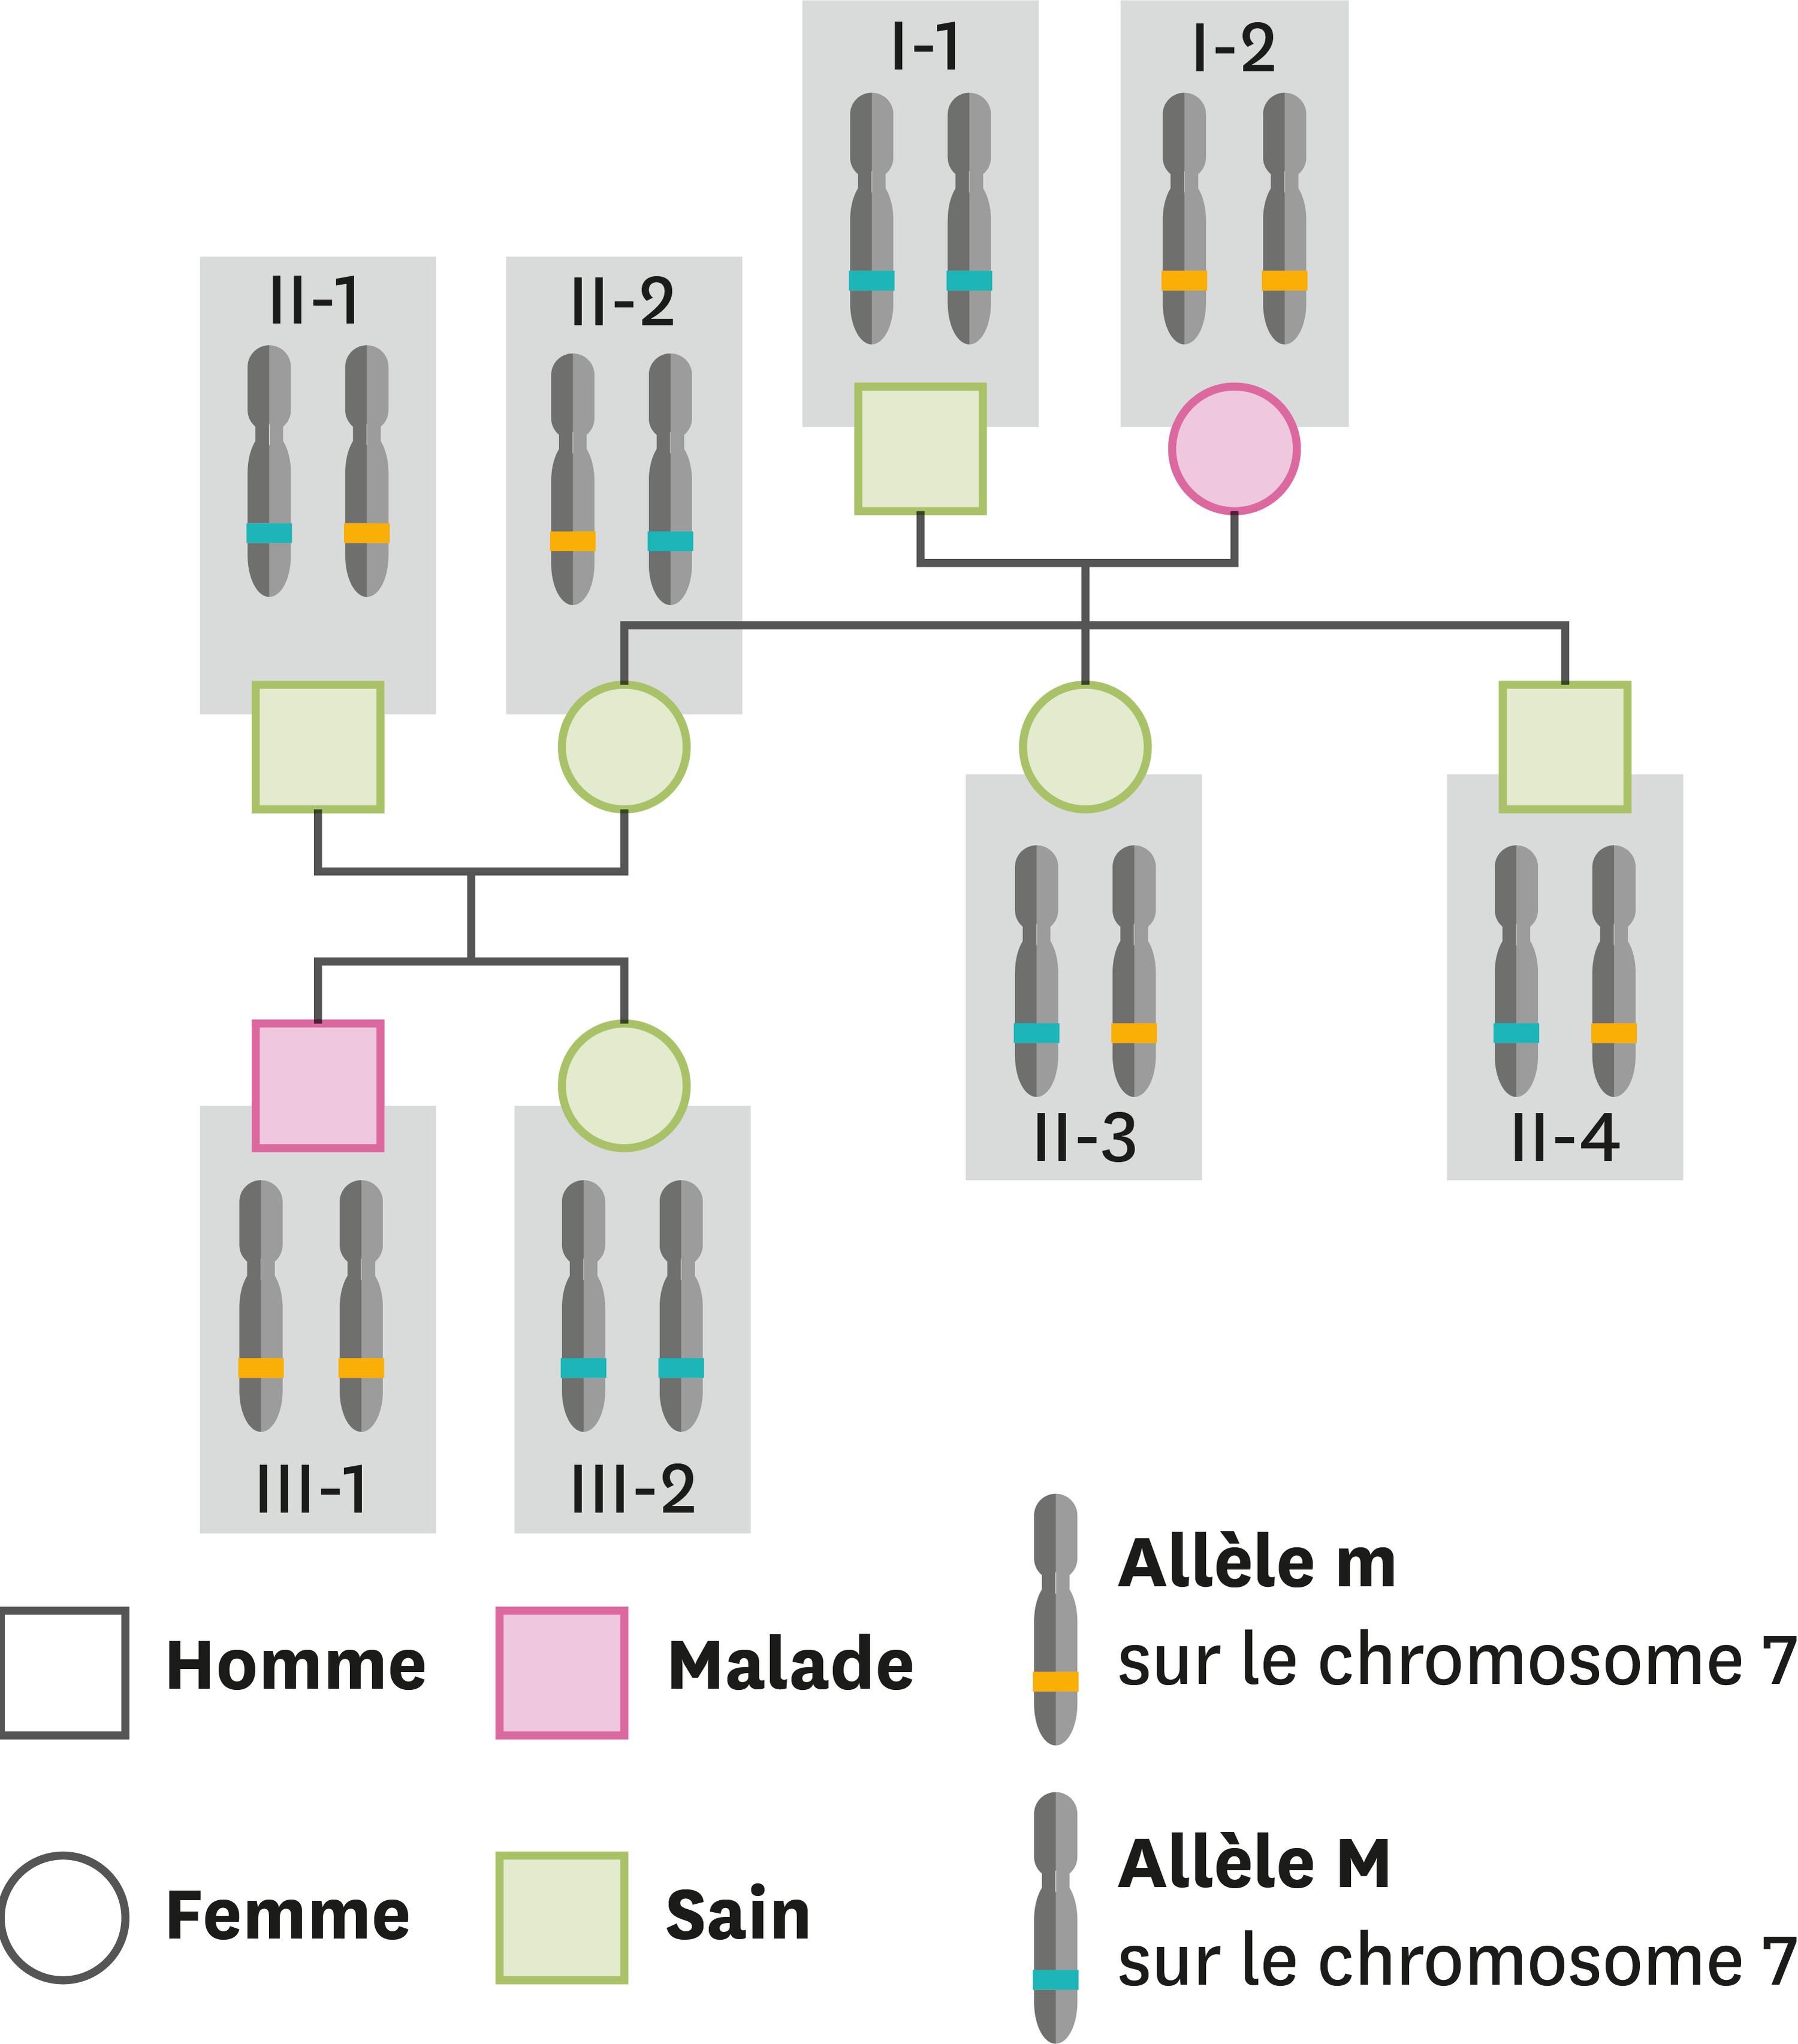 <stamp theme='svt-green1'>Doc. 4</stamp> Les allèles présents et les caractères correspondants dans une famille dont certains membres ont la mucoviscidose.